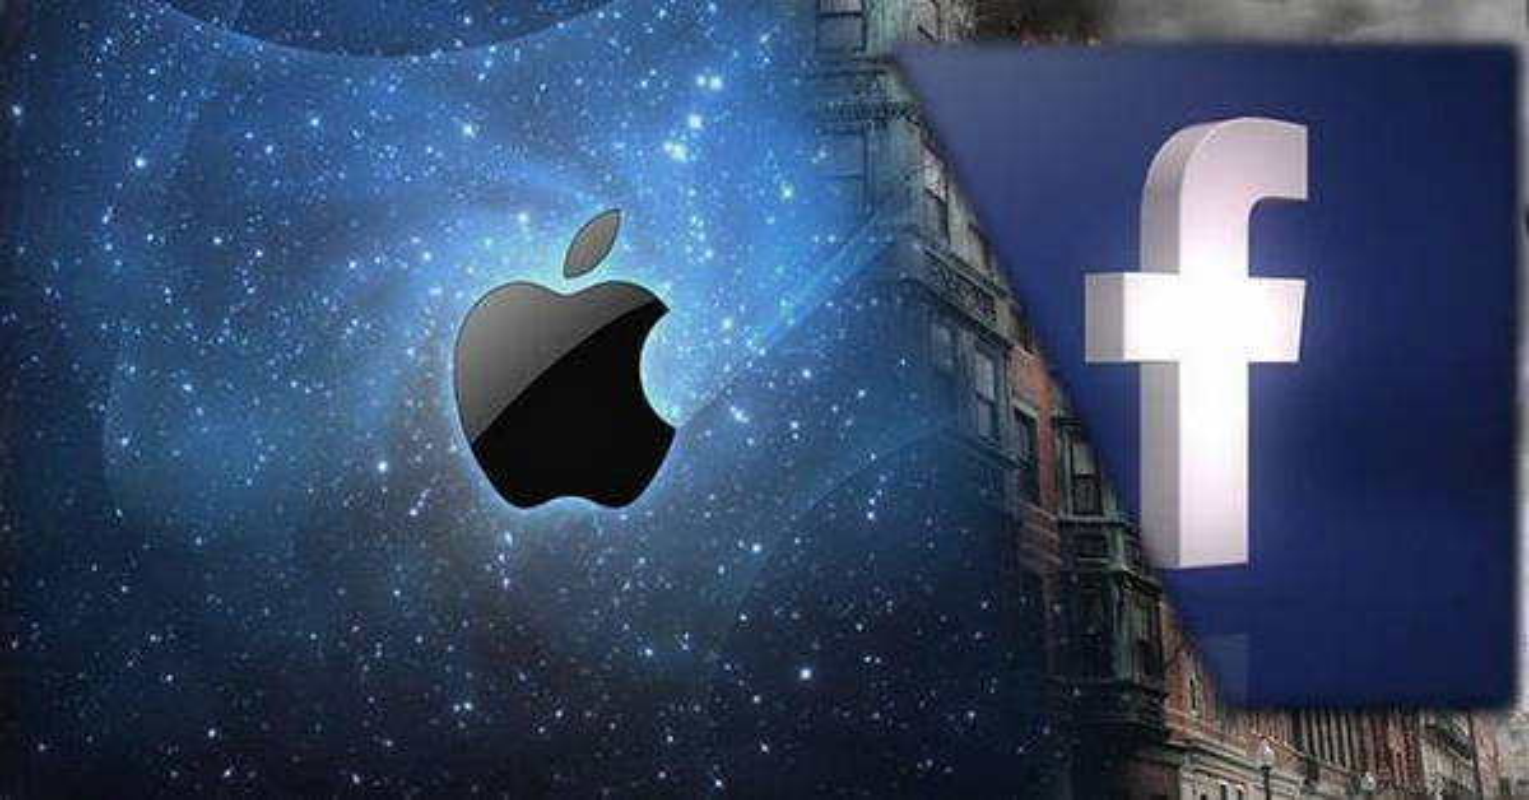 Tran chien cang nao keo dai ca thap ky cua Apple va Facebook-Hinh-12